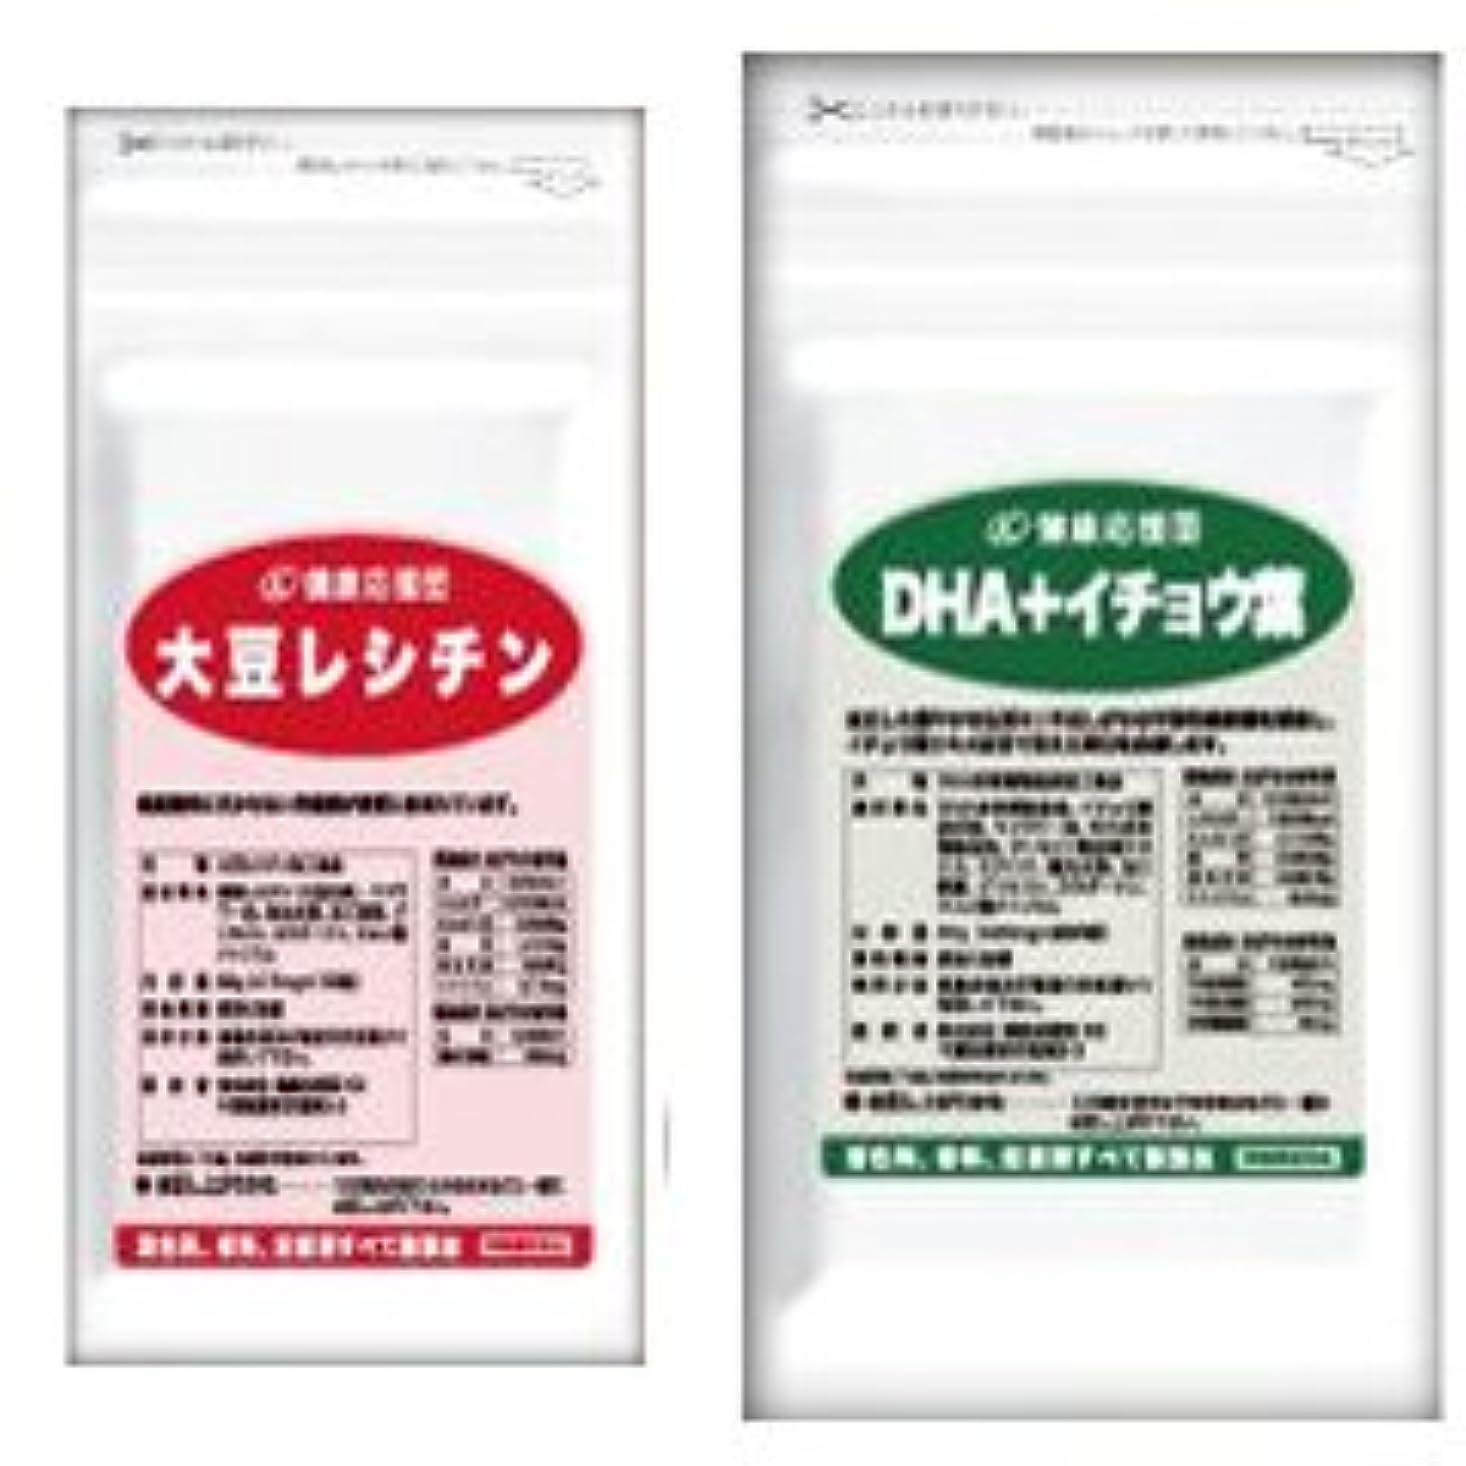 熟読開発する更新流れサラサラセット 大豆レシチン+(DHA?EPA+イチョウ葉) お徳用12か月分